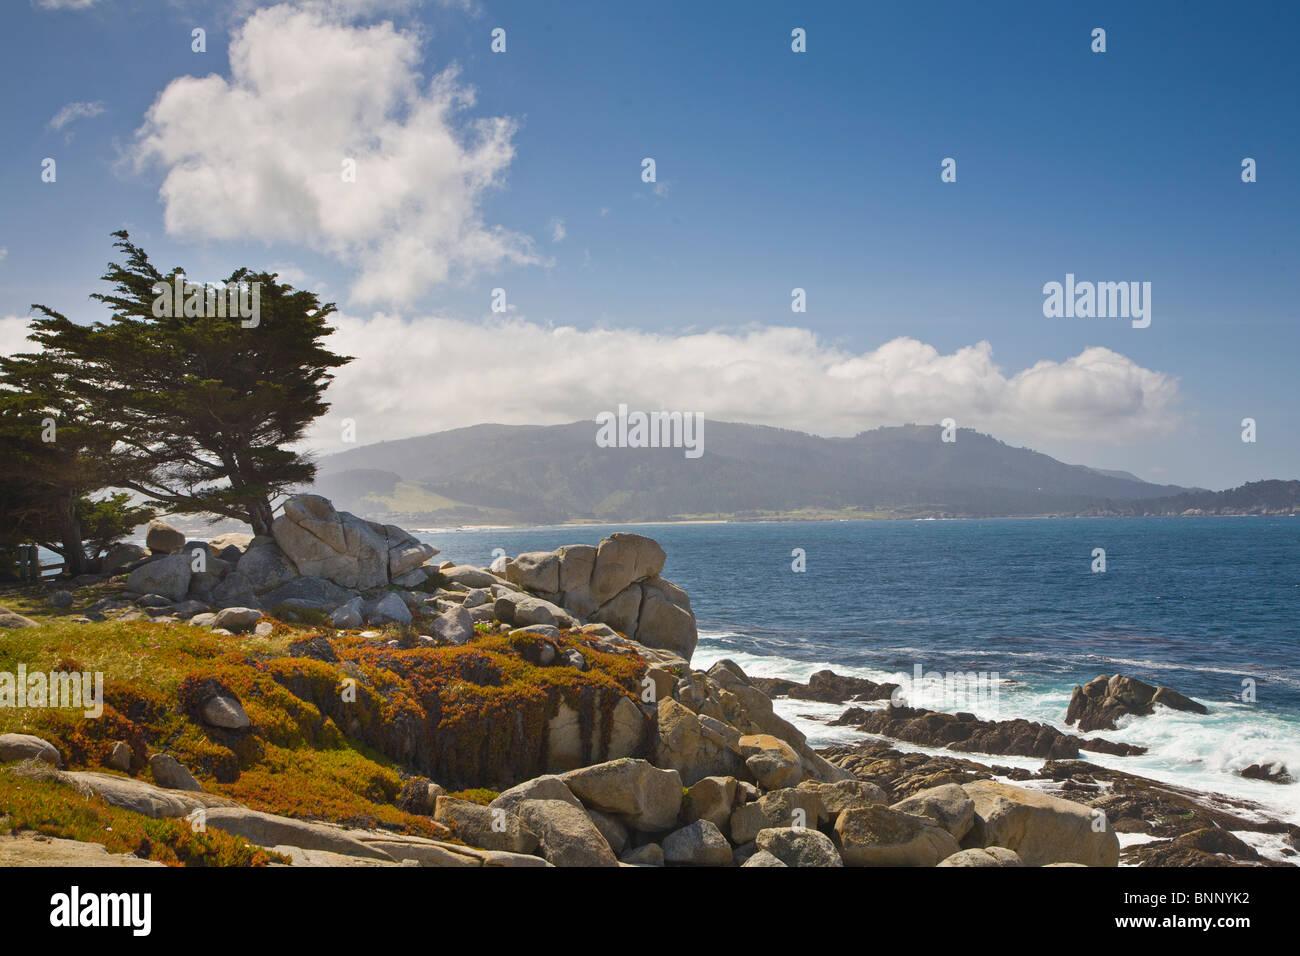 Robusto rocciosa costa dell'Oceano Pacifico il 17-Mile Drive a Pebble Beach sulla penisola di Monterey in California Immagini Stock